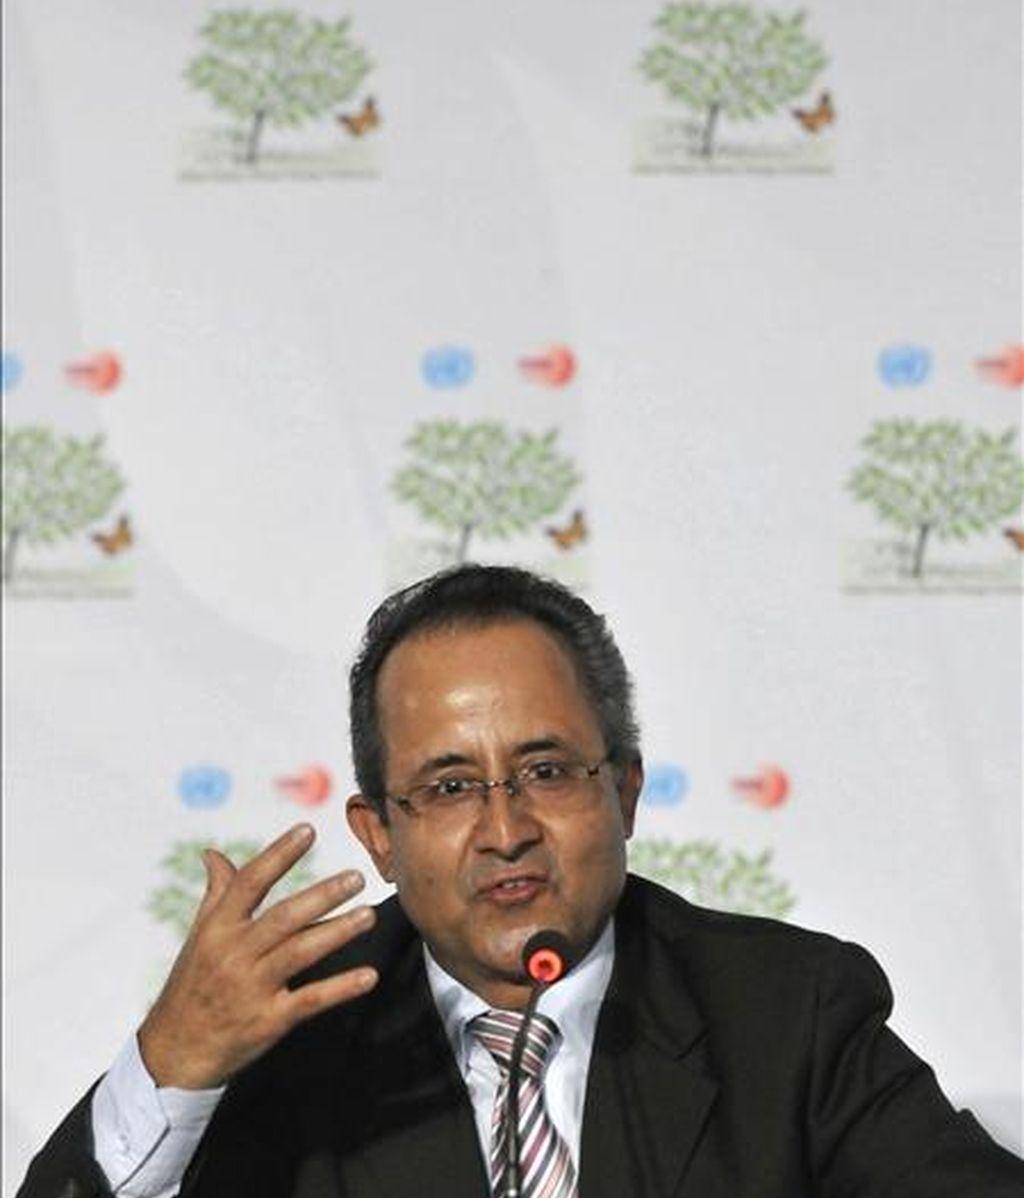 El director del Centro para el Desarrollo Integral de Montañas, Madhav Karki, habla en el marco de la XVI Conferencia de las Partes de la ONU sobre Cambio Climático, en Cancún (México). EFE